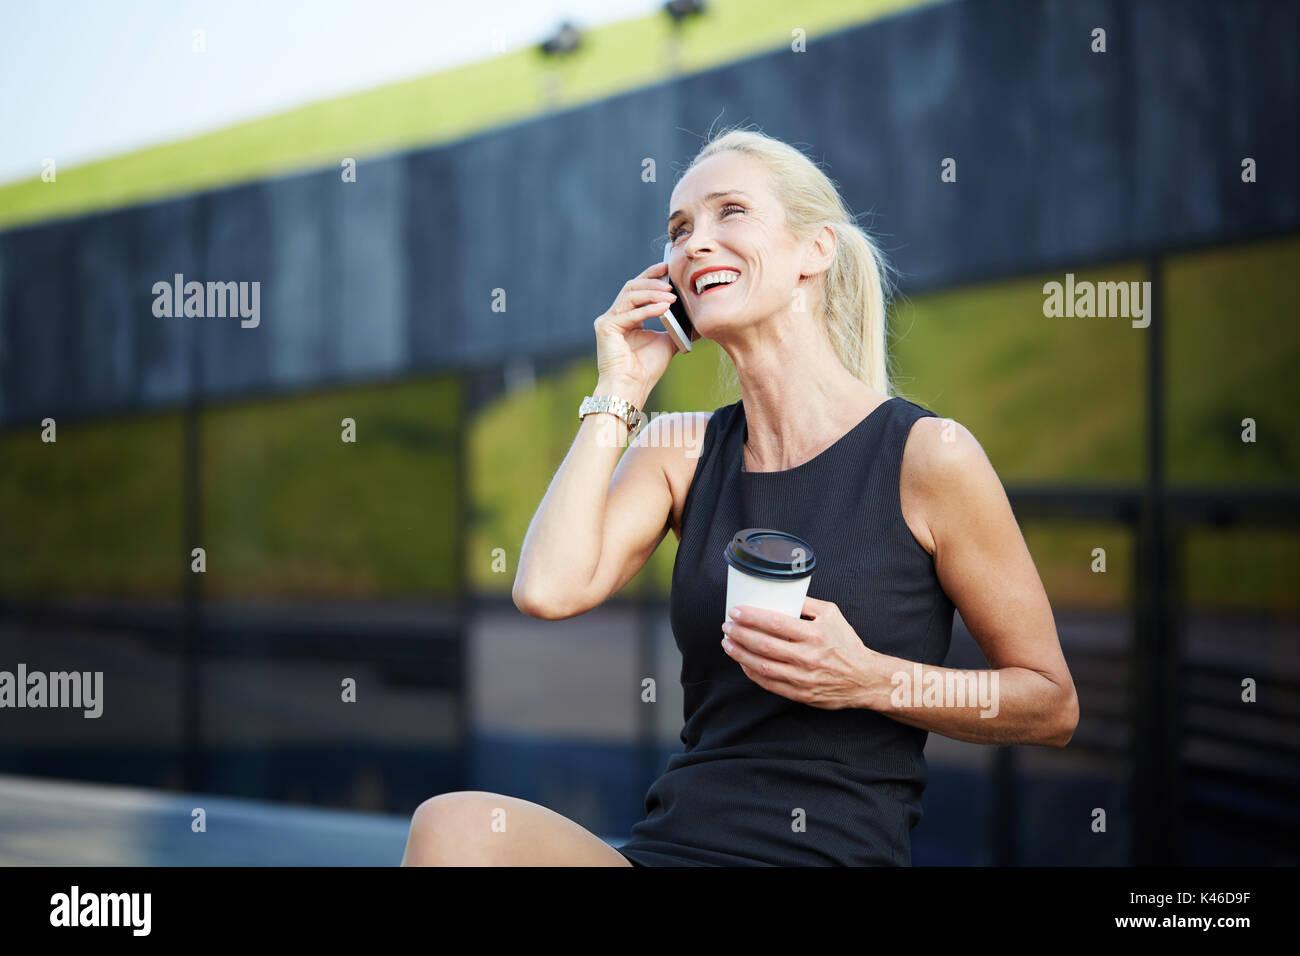 Ritratto di imprenditrice avente pausa con caffè e parlare al cellulare. Immagini Stock